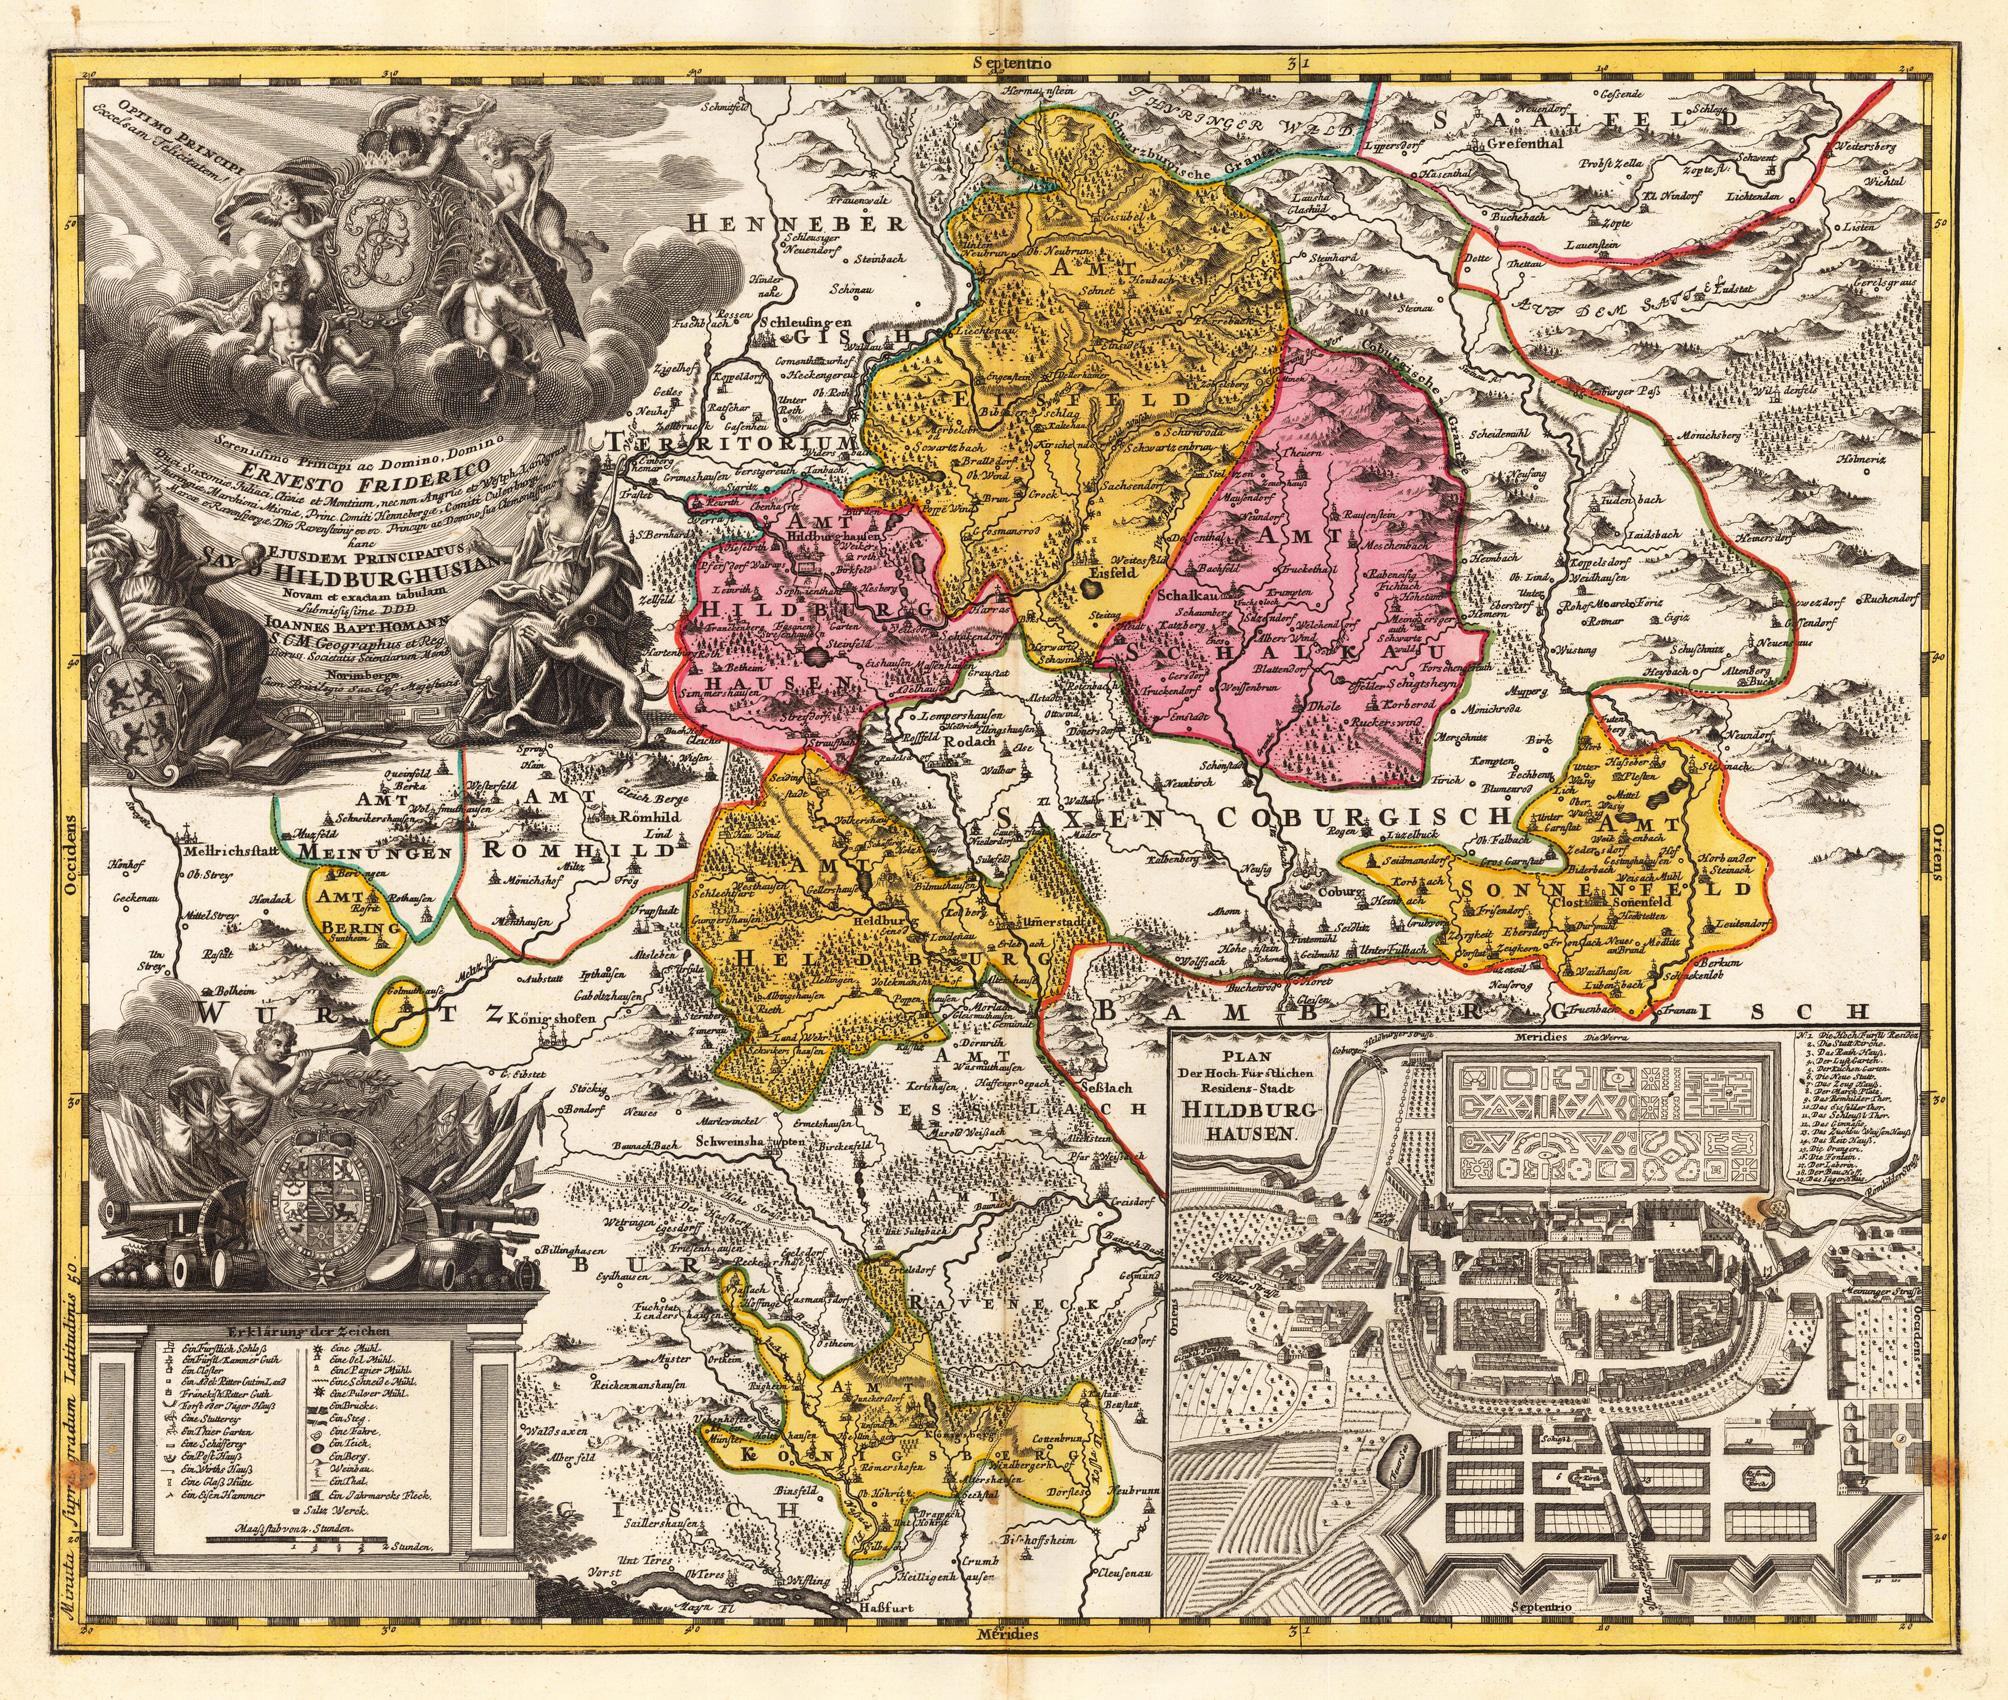 foto de viaLibri ~ Rare Books from 1728 Page 3